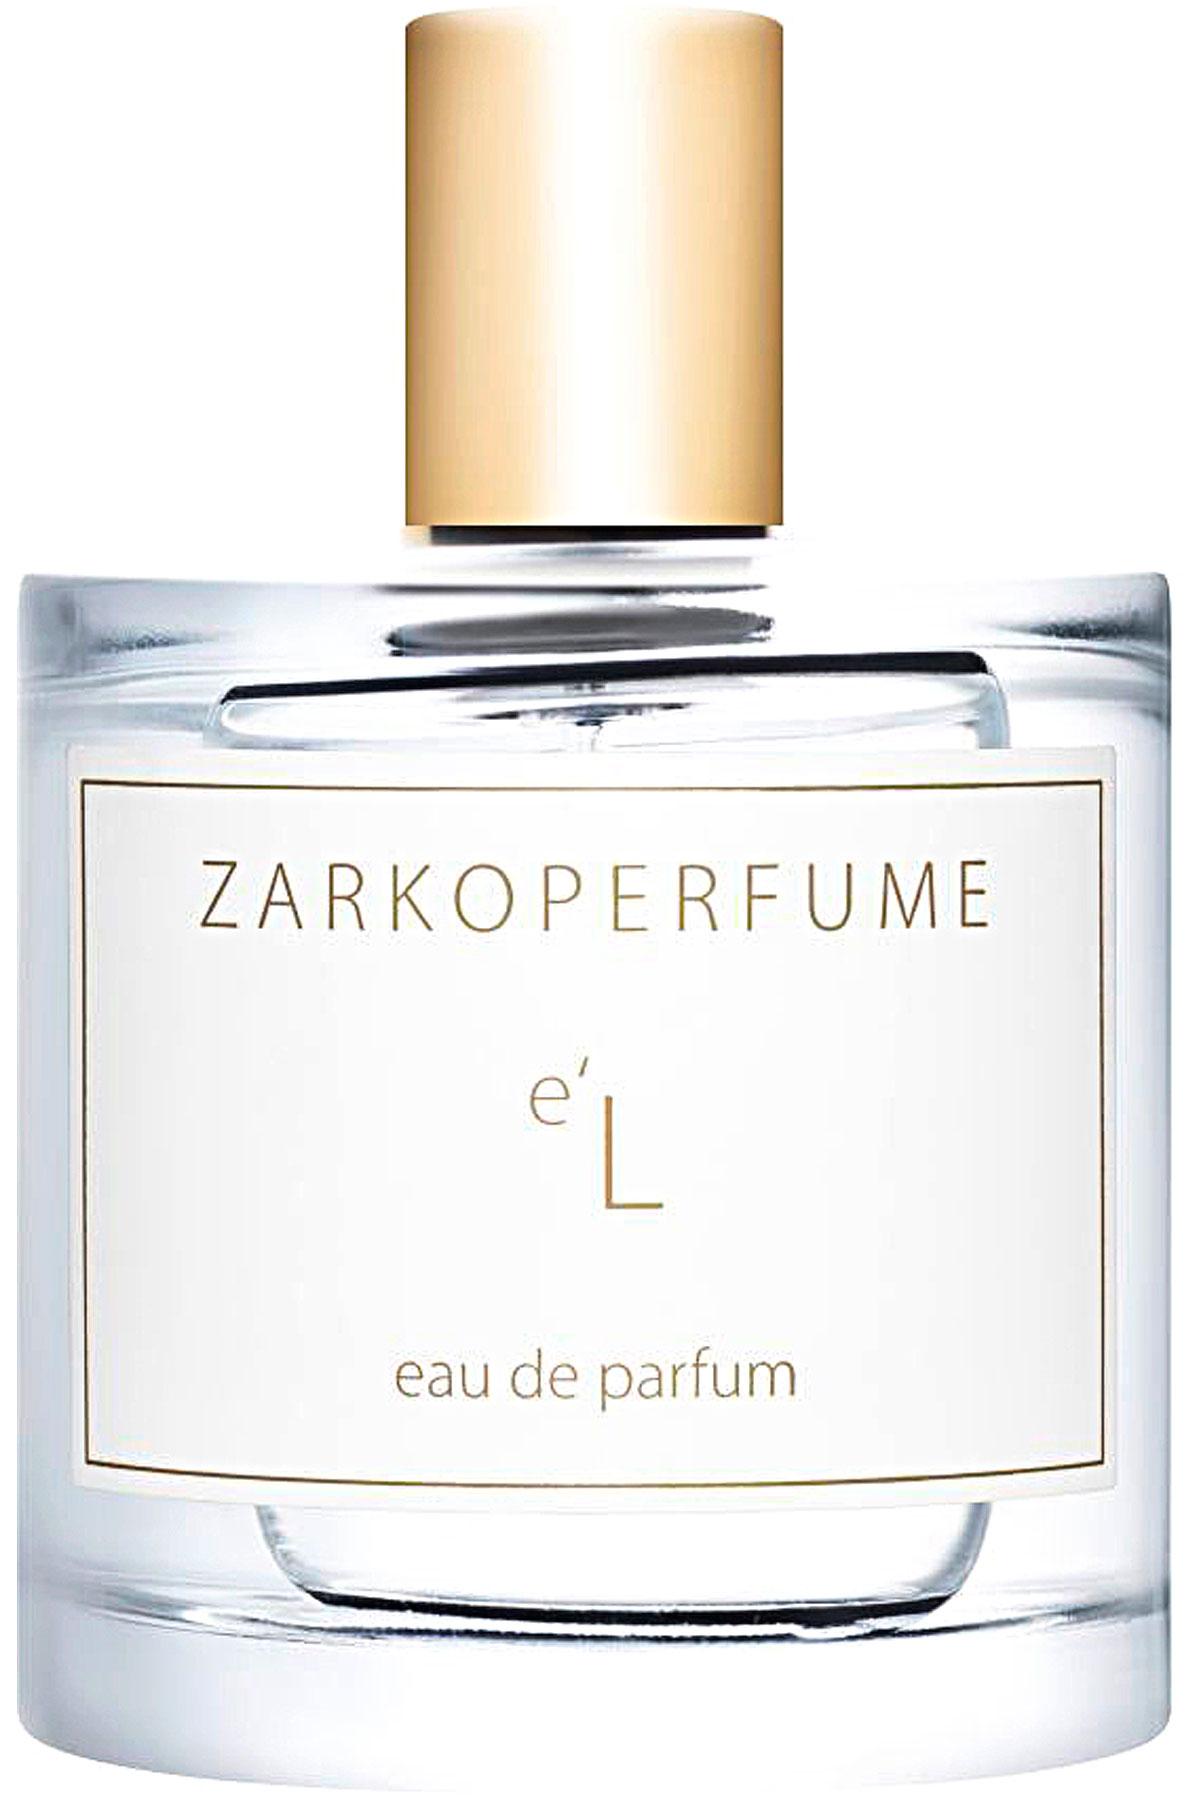 Zarkoperfume Fragrances for Men, E L - Eau De Parfum - 100 Ml, 2019, 100 ml